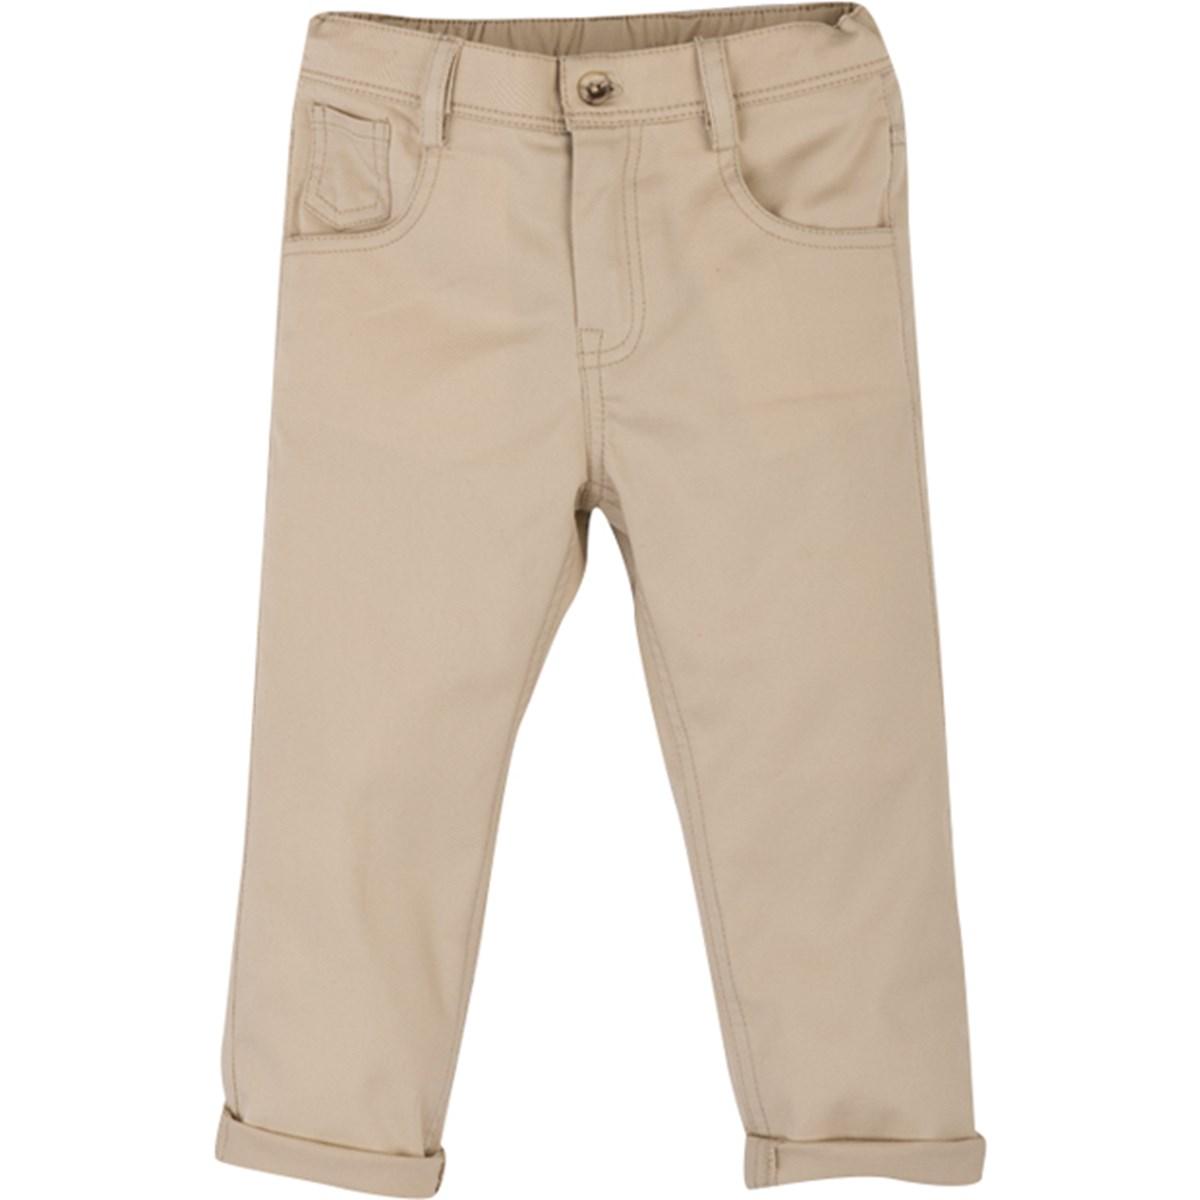 8733 Pantolon 1